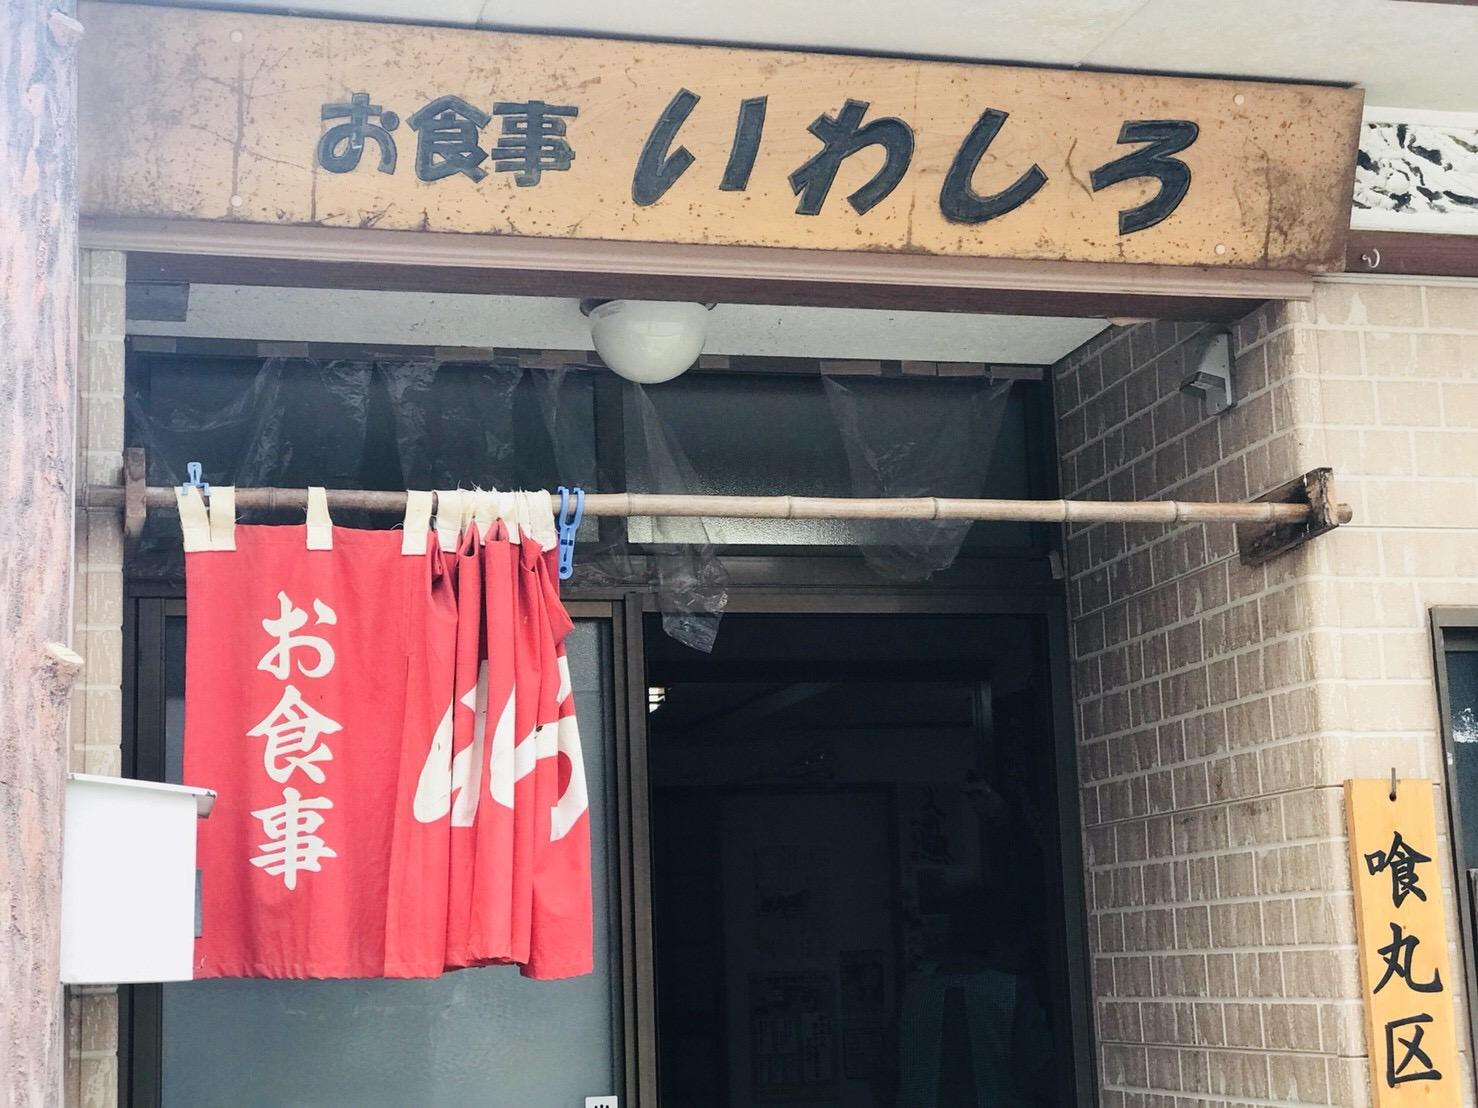 福島県昭和村 ご飯 いわしろ